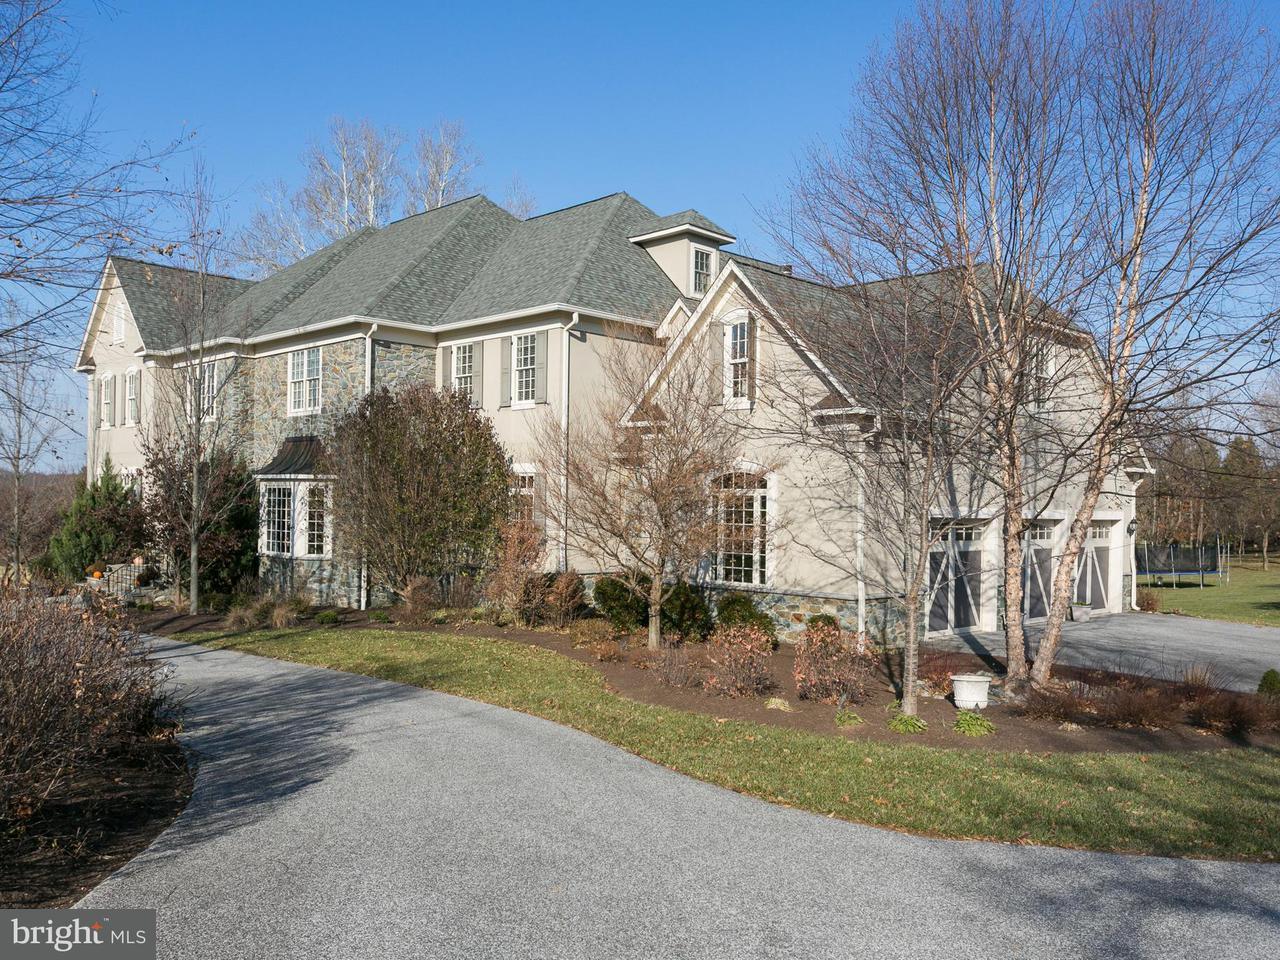 Maison unifamiliale pour l Vente à 15310 LEONDINA Drive 15310 LEONDINA Drive Glenwood, Maryland 21738 États-Unis